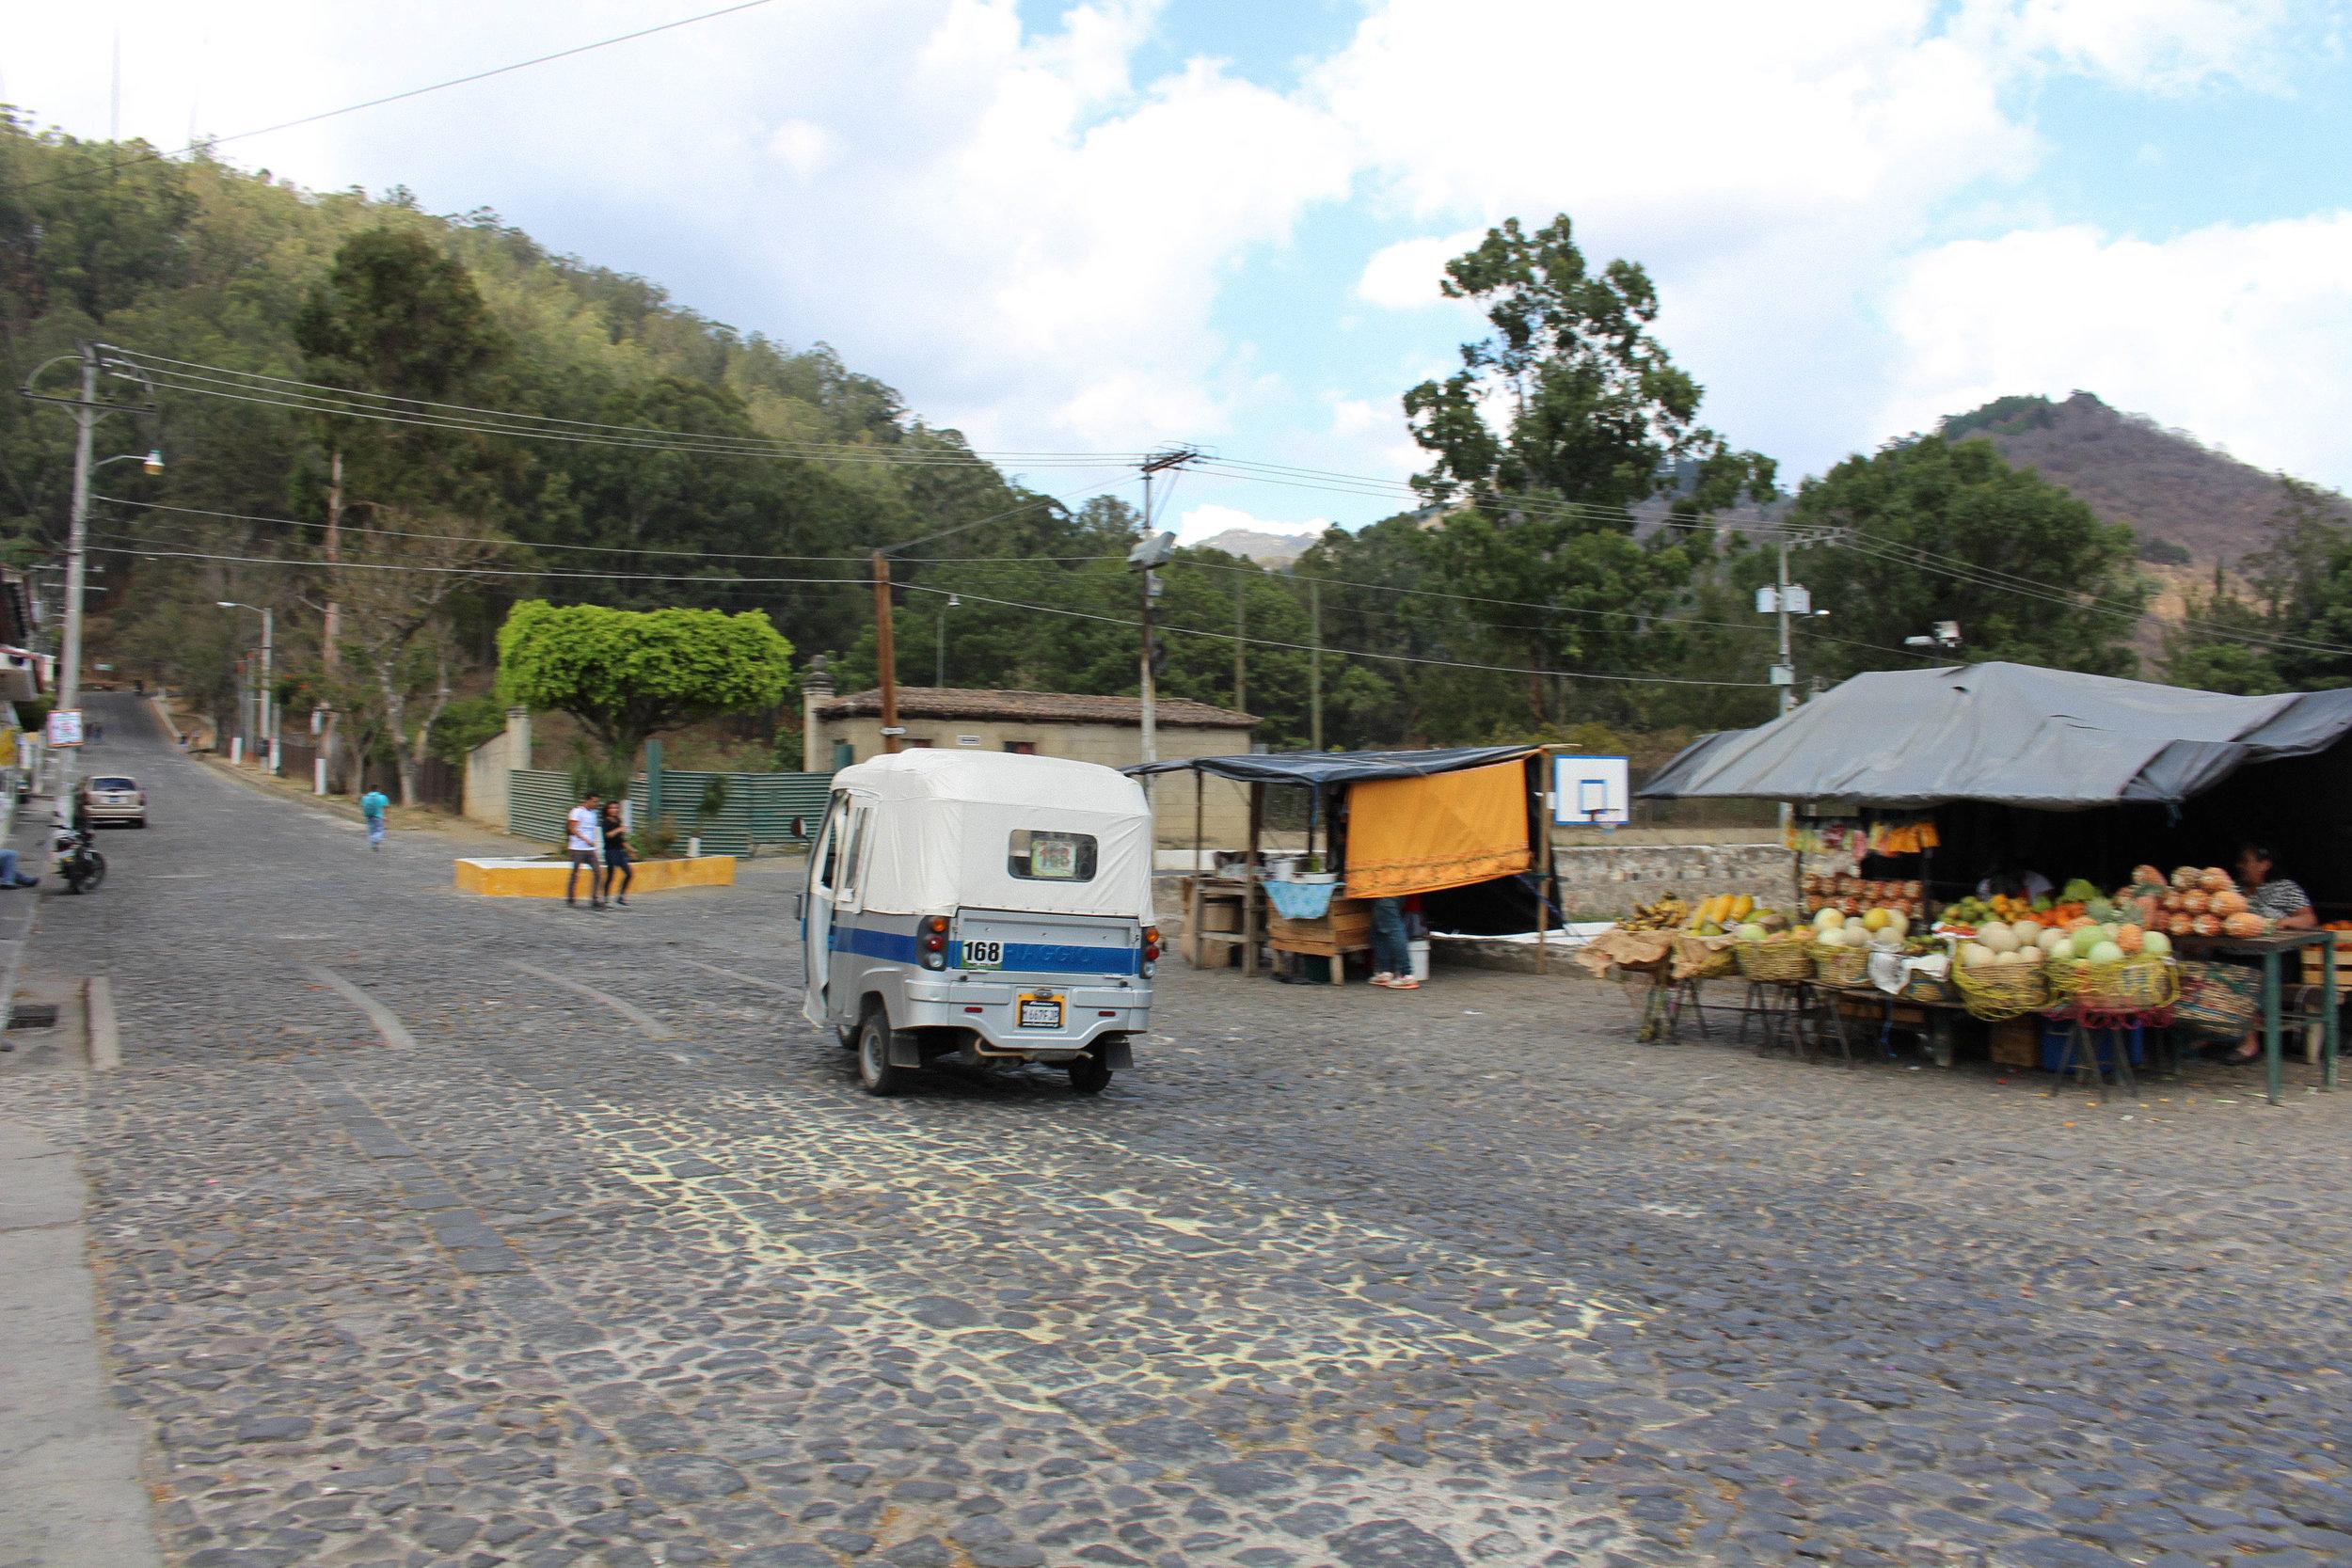 Antigua- tuktuk on road-natalienehlawi.com.jpg